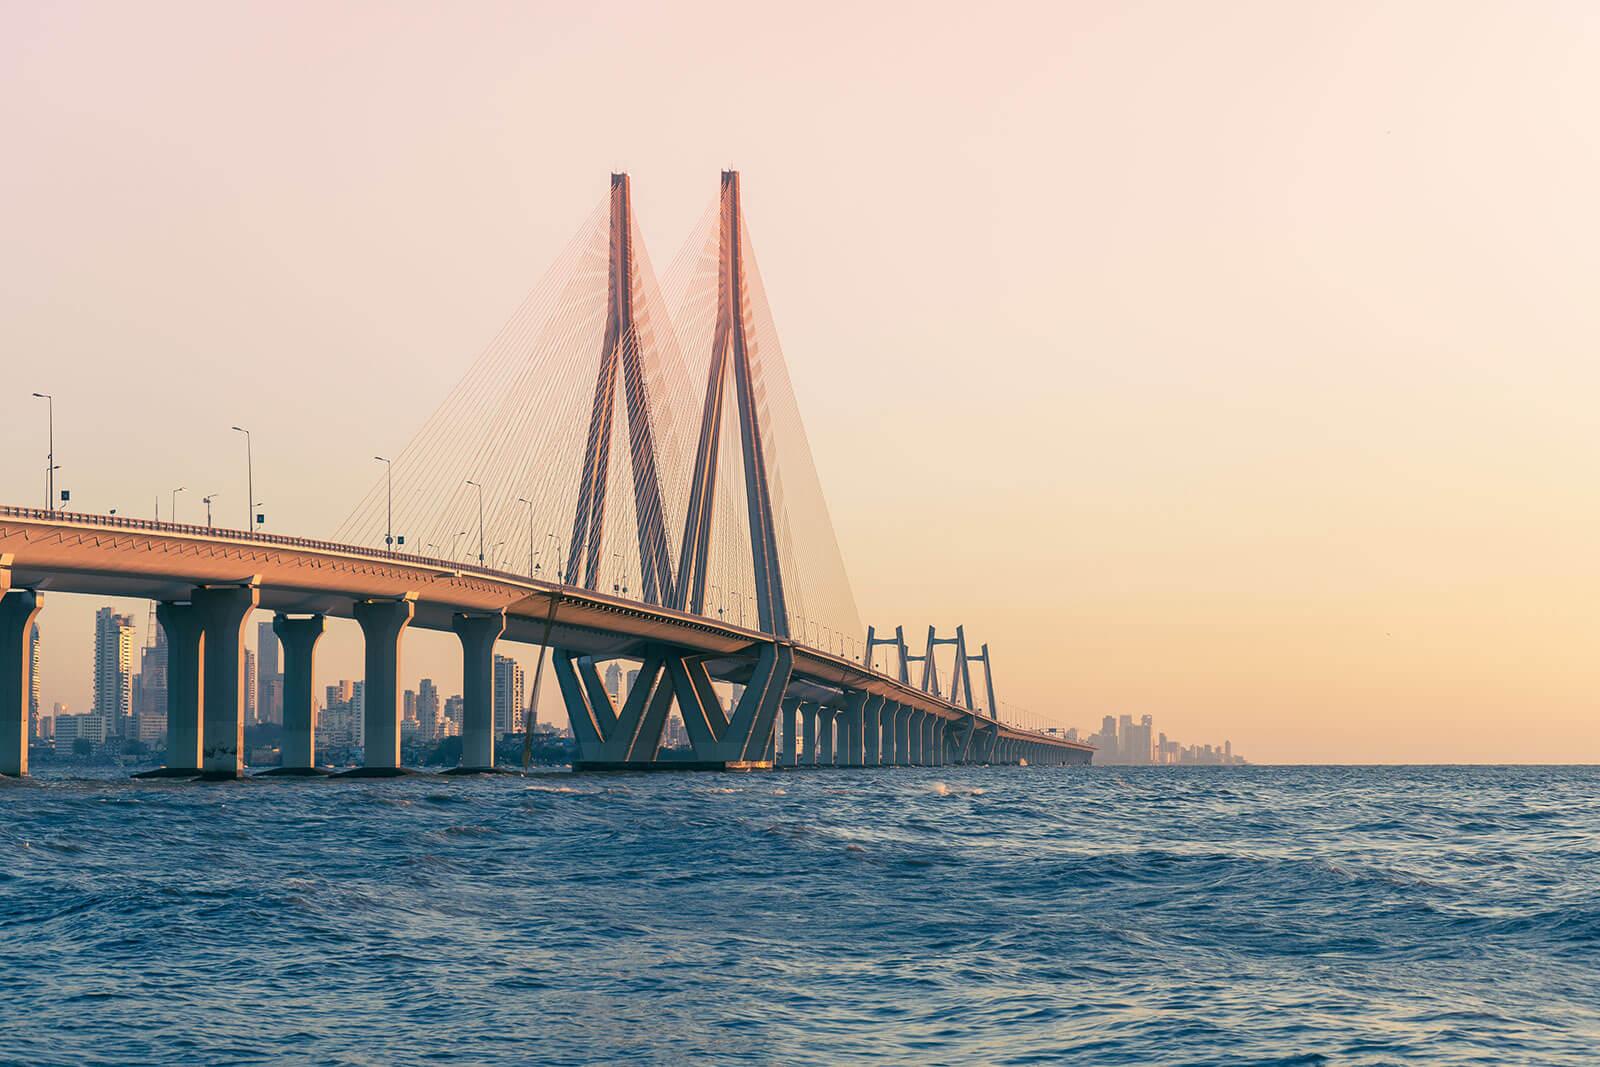 Photo of a bridge in Mumbai, India